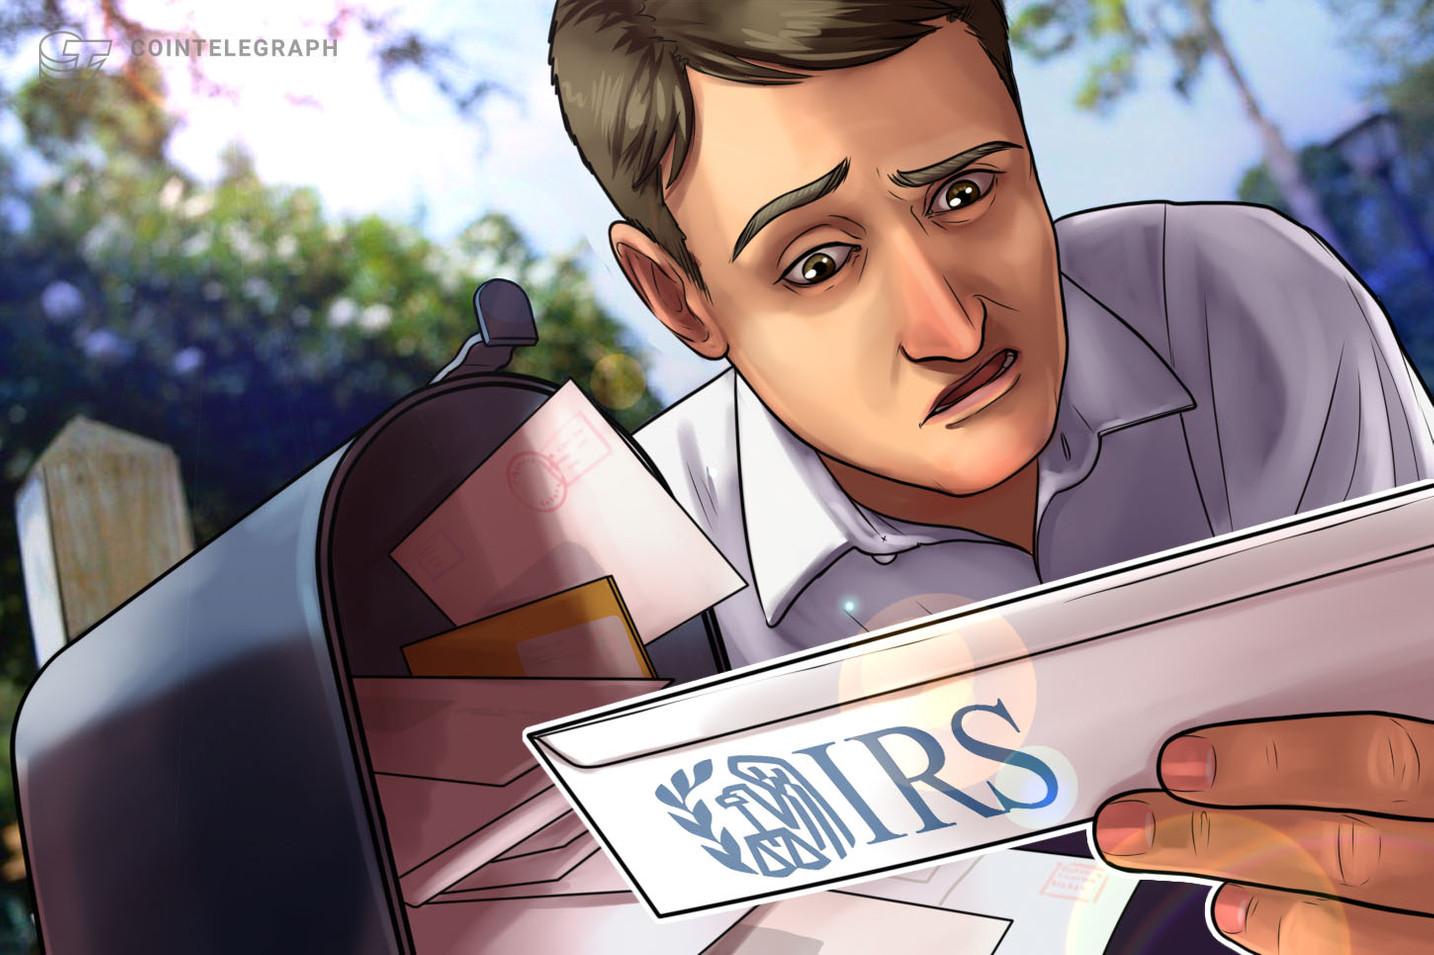 米税務当局のIRS、仮想通貨企業サークルから情報取得可能に